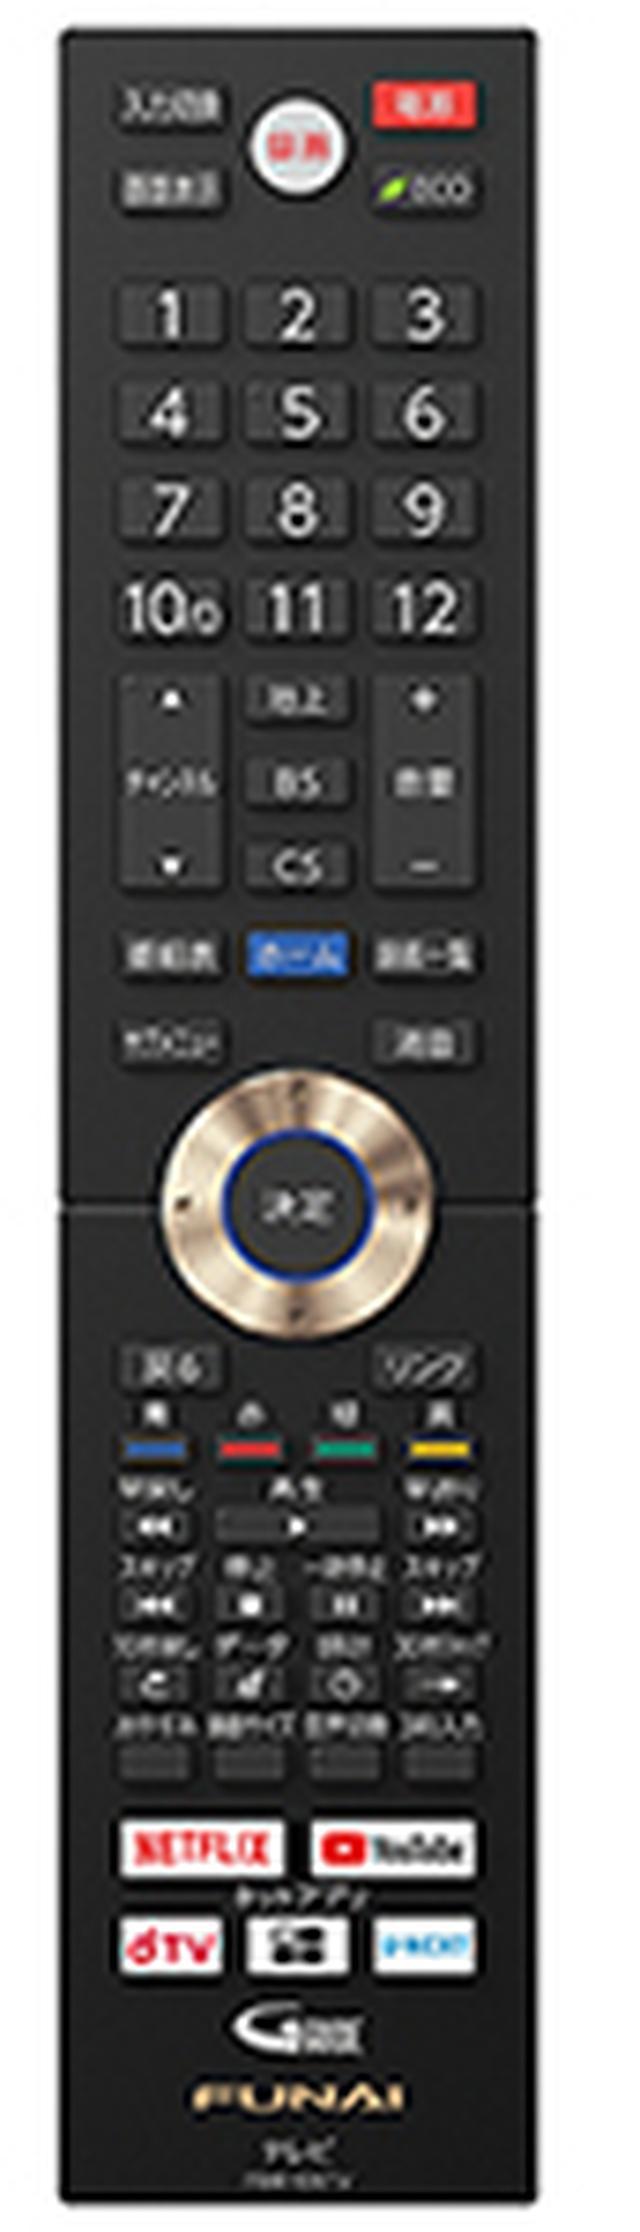 画像: 「Netflix」「dTV」「YouTube」の専用ボタンを装備。放送中、「録画」ボタンを押せば、すぐ録画開始。